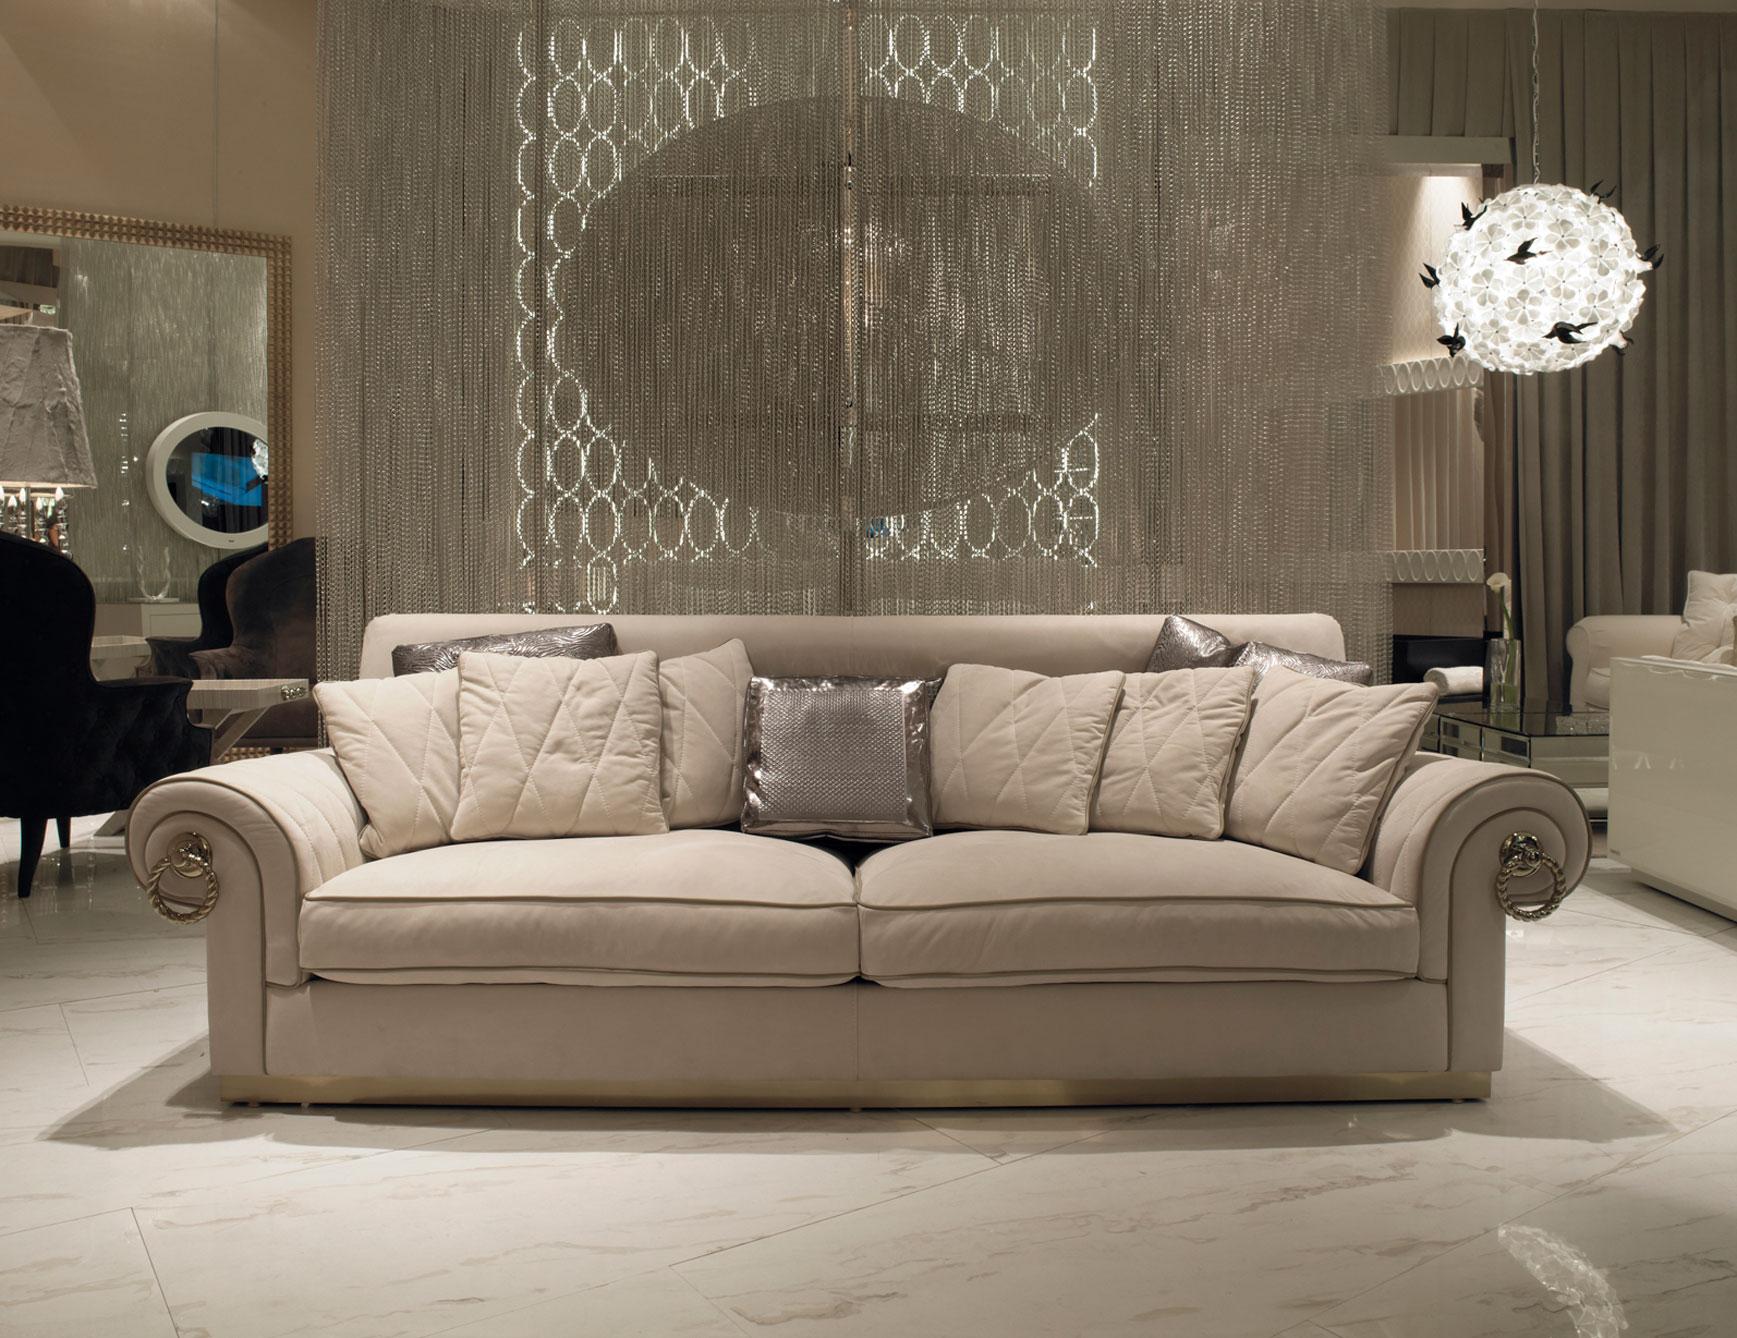 Cream Color Silver Cushions Cream Marble FLoor Vintage Chandelier